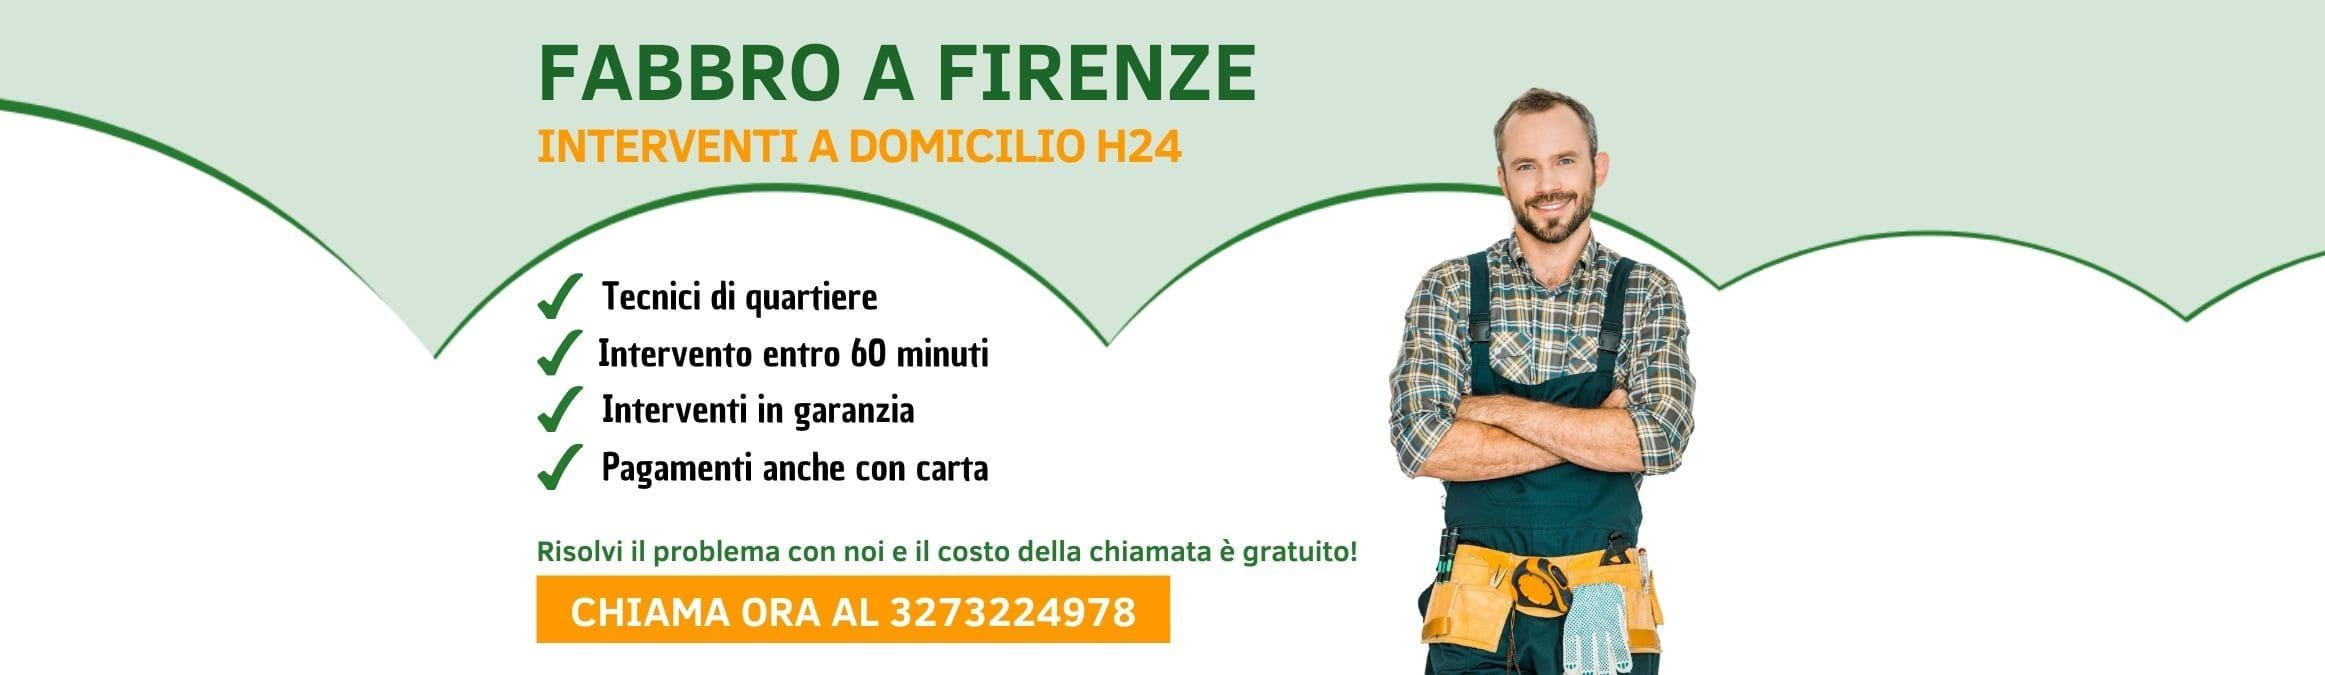 Fabbro a Firenze h24